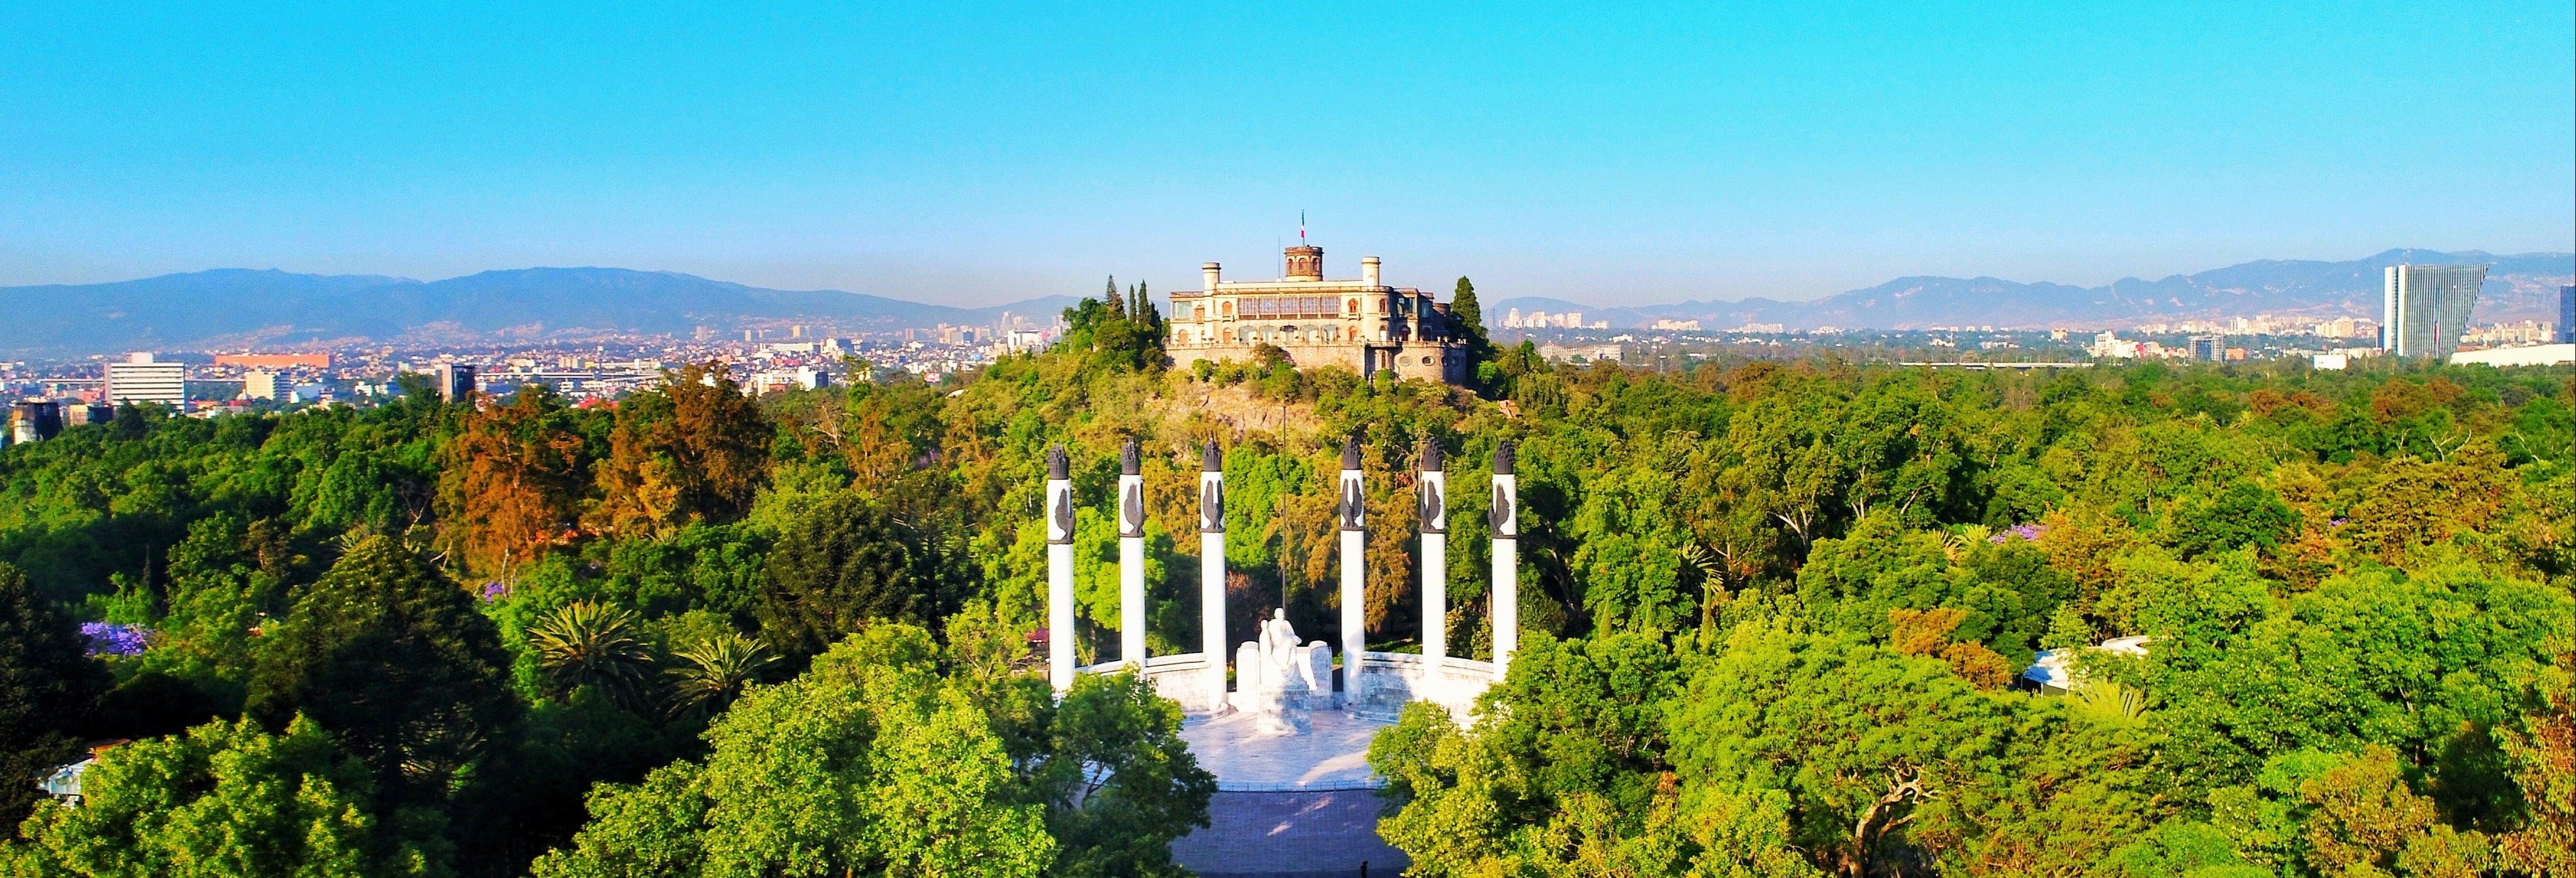 Free Tour of the Bosque de Chapultepec